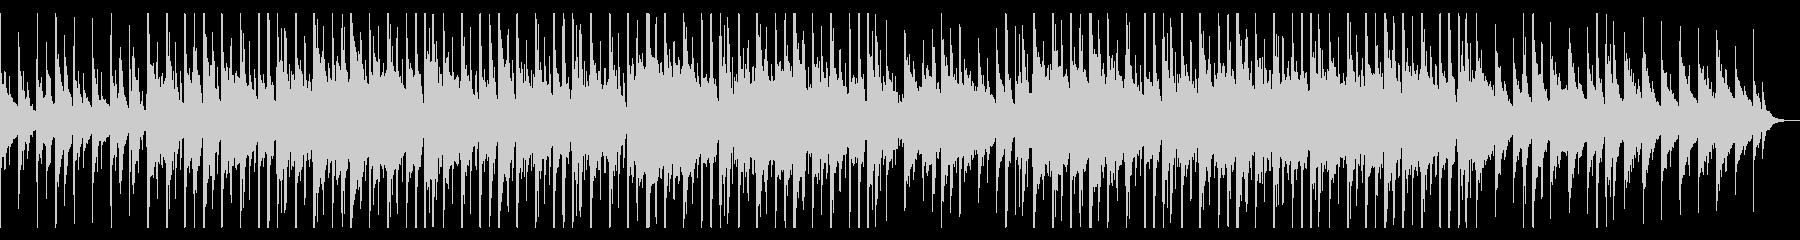 洋楽トレンドチルいLo-Fiヒップホップの未再生の波形